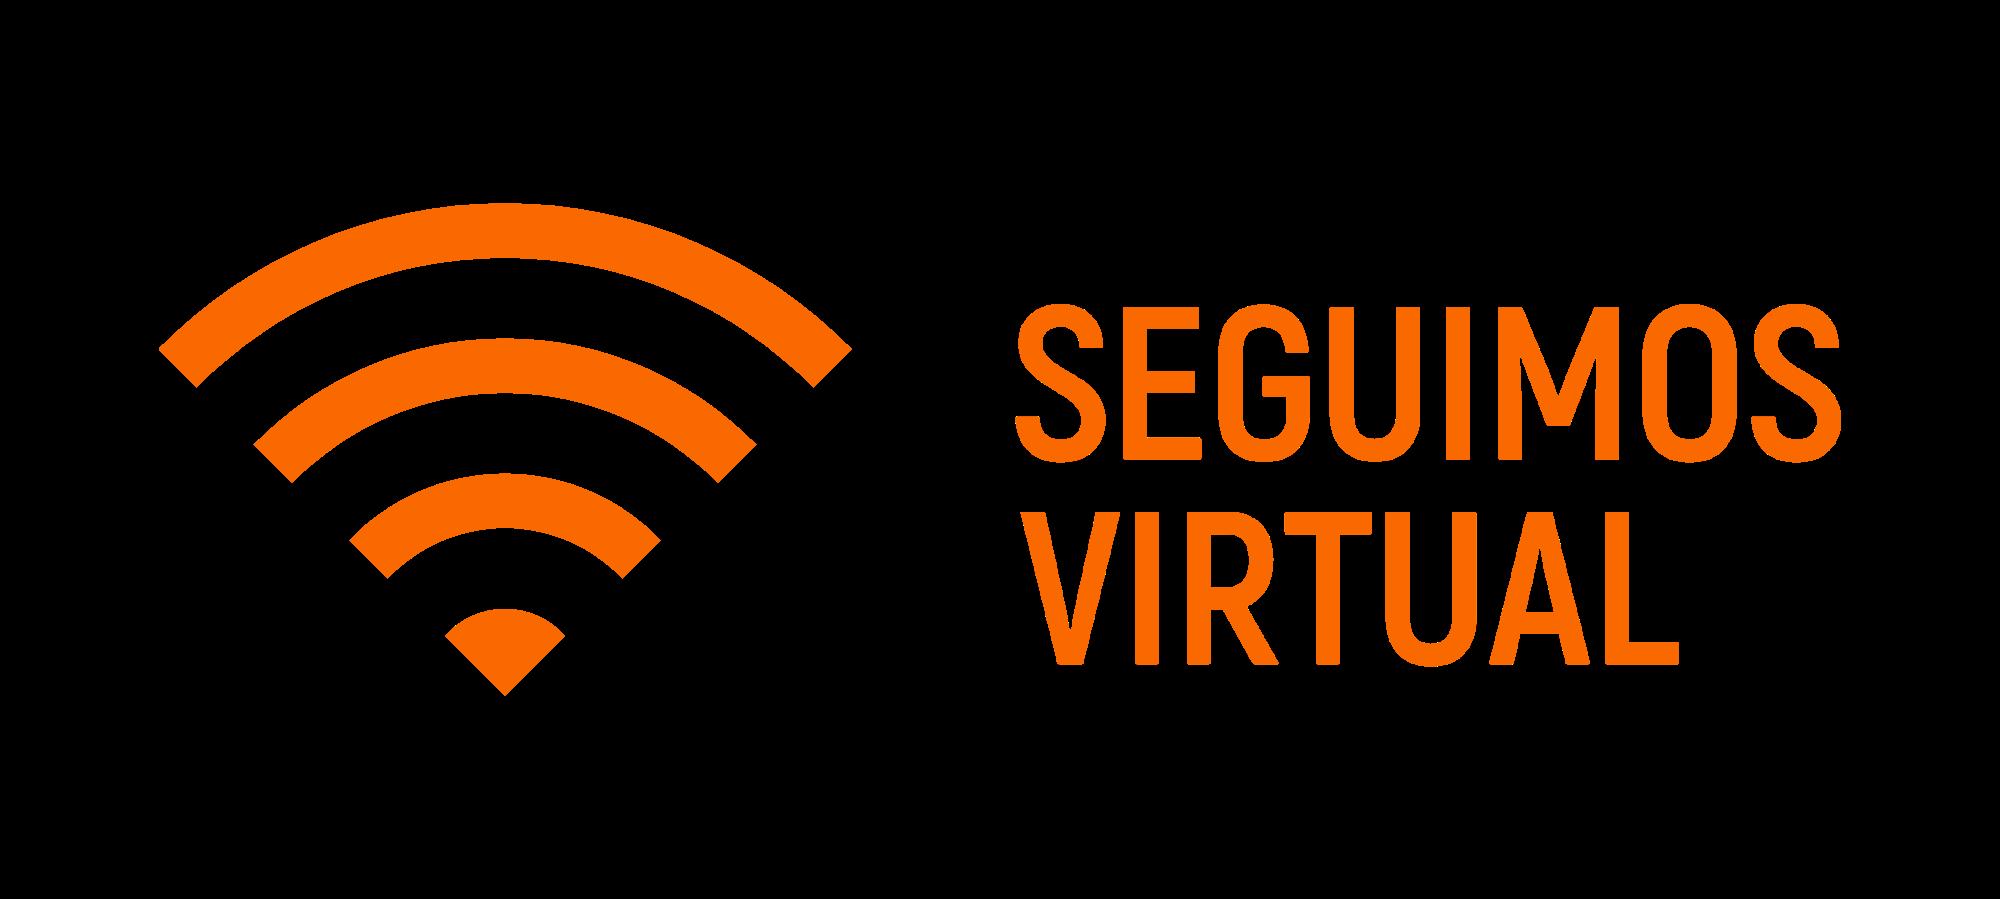 Seguimos Virtual